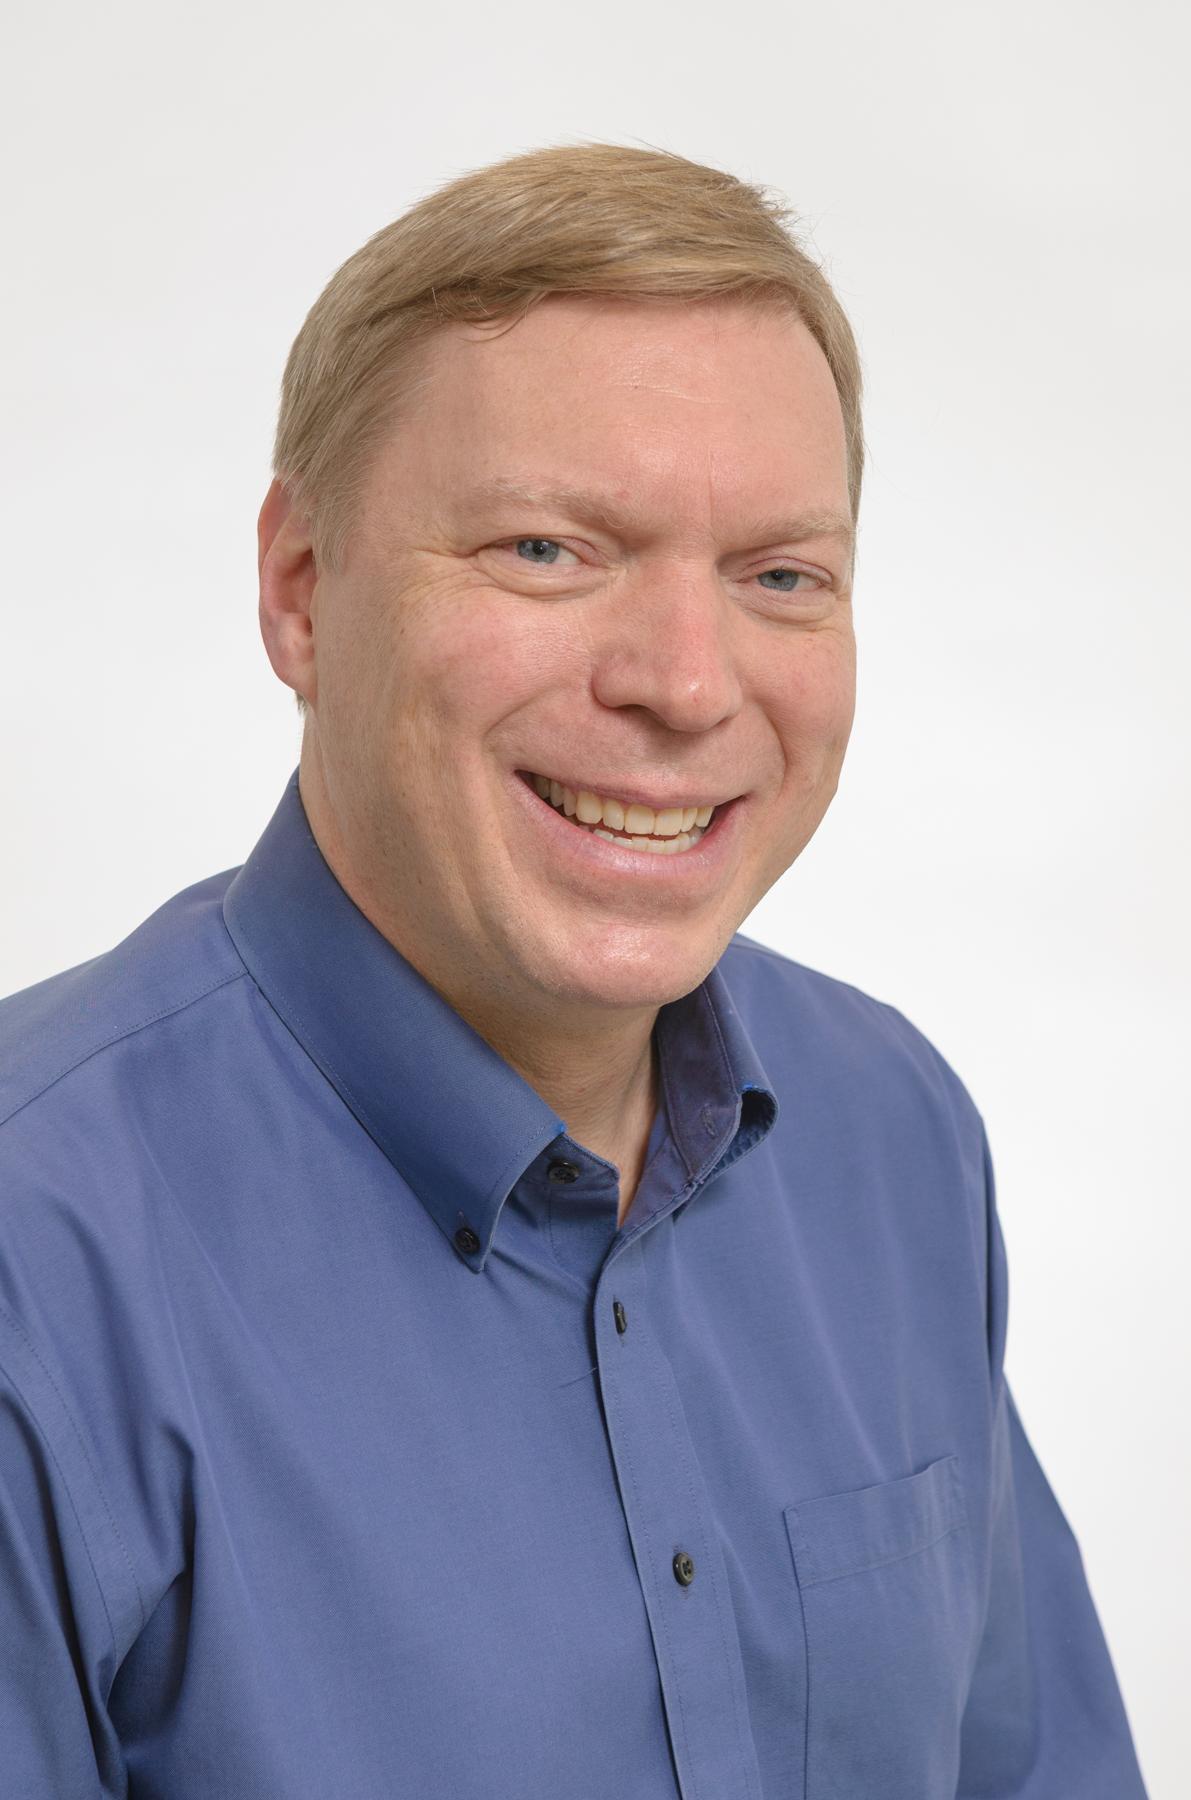 Scott Crabtree